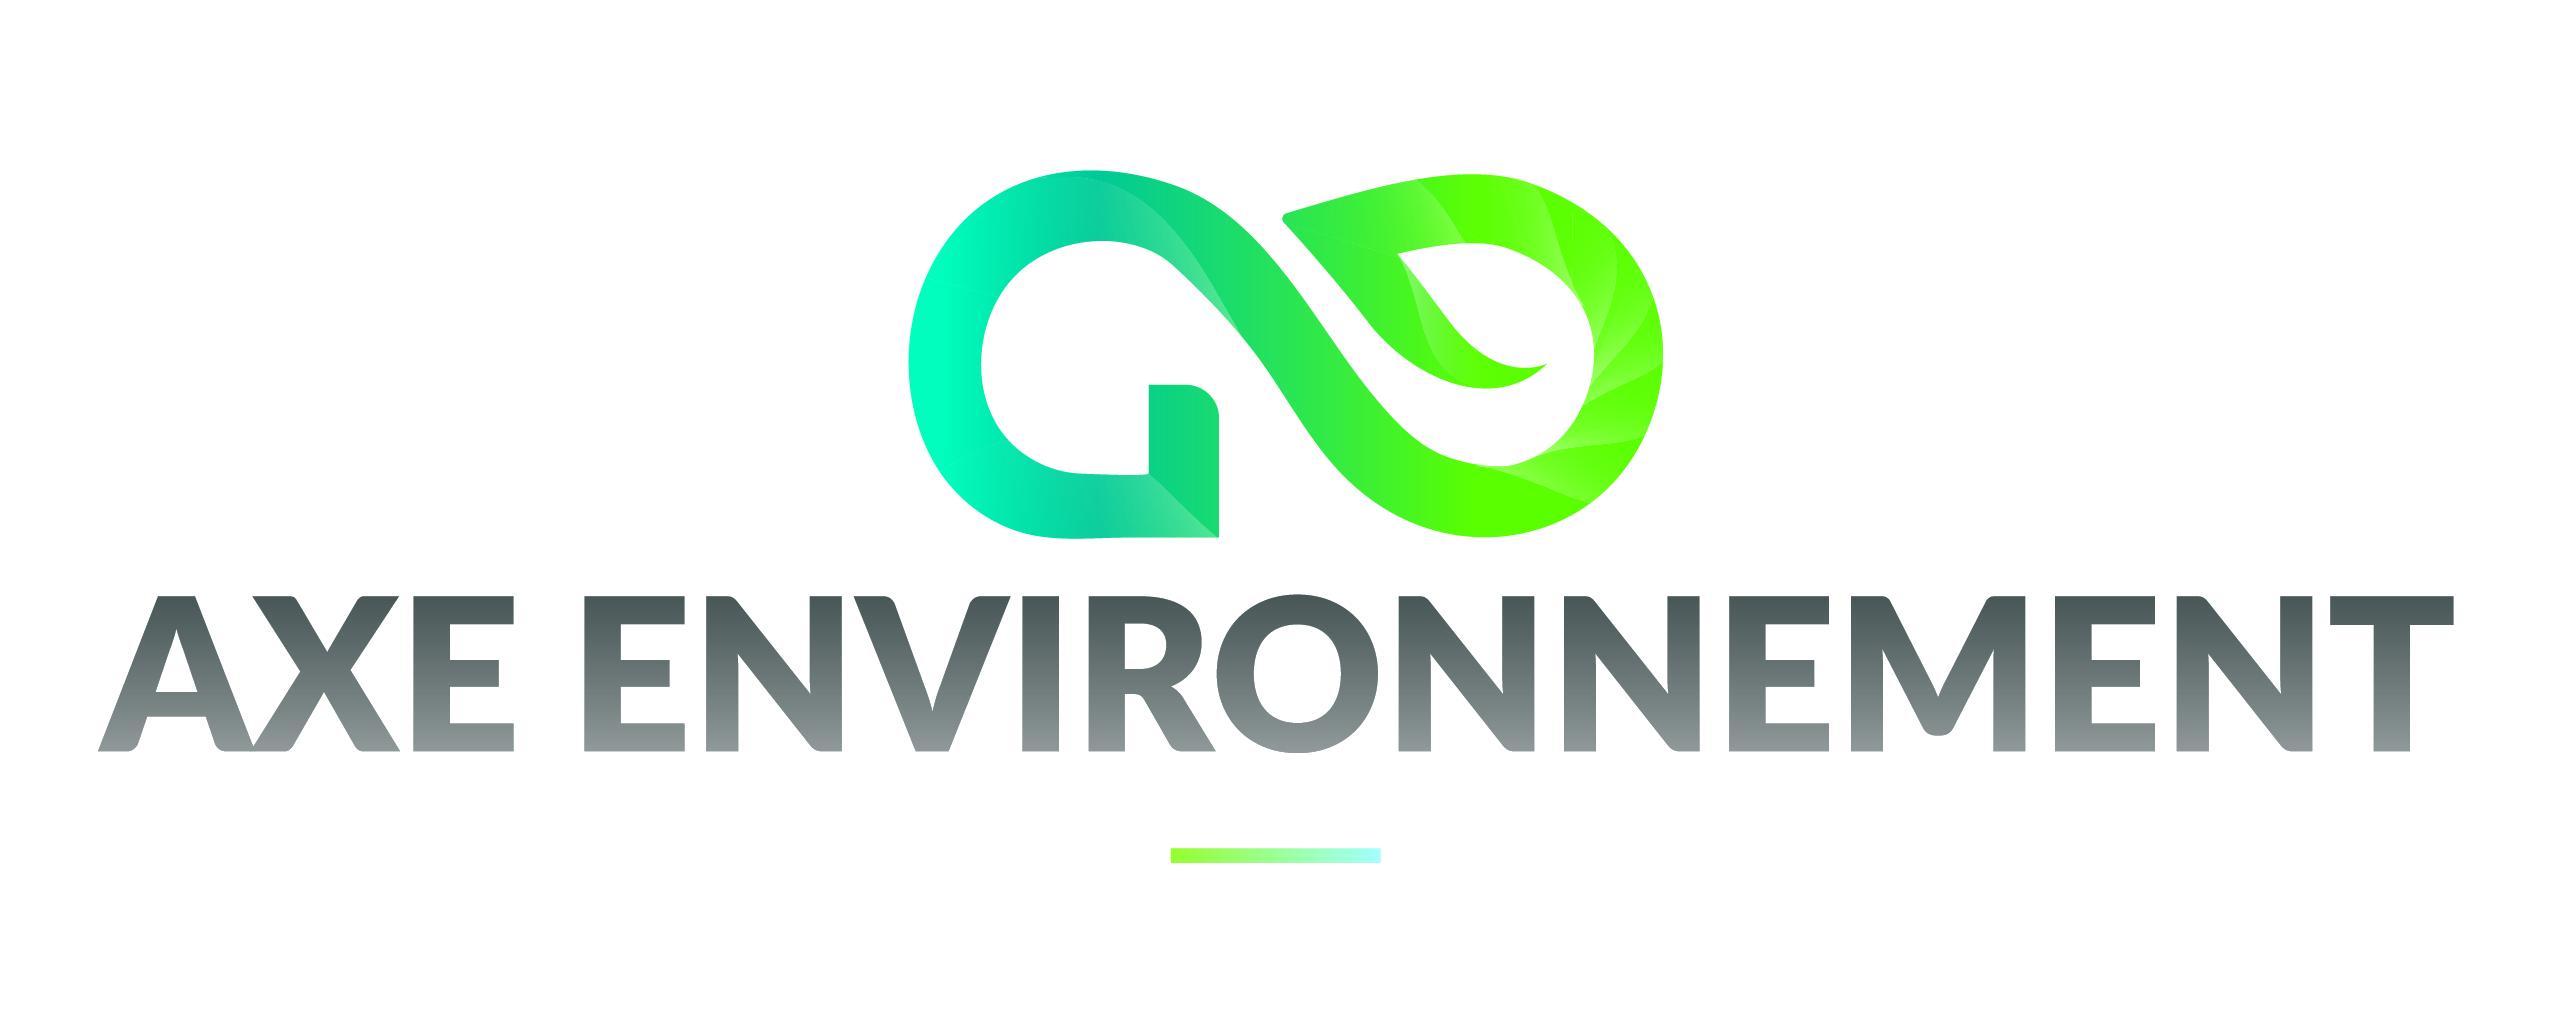 axe-environnement-logo-2018